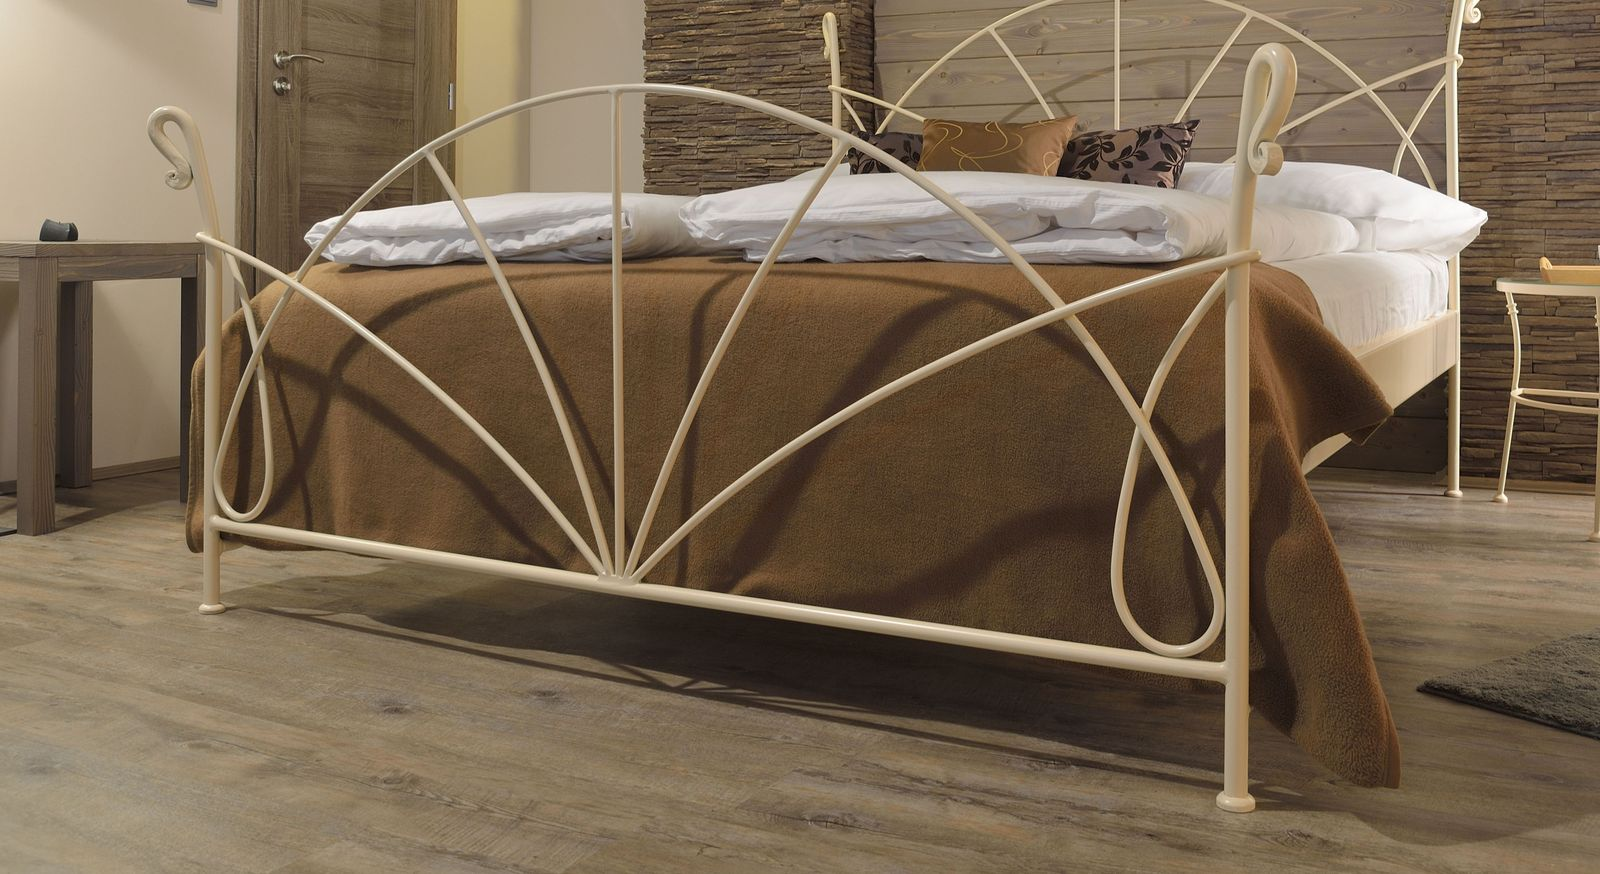 Bett Acara mit nach vorne versetztem Fußteil